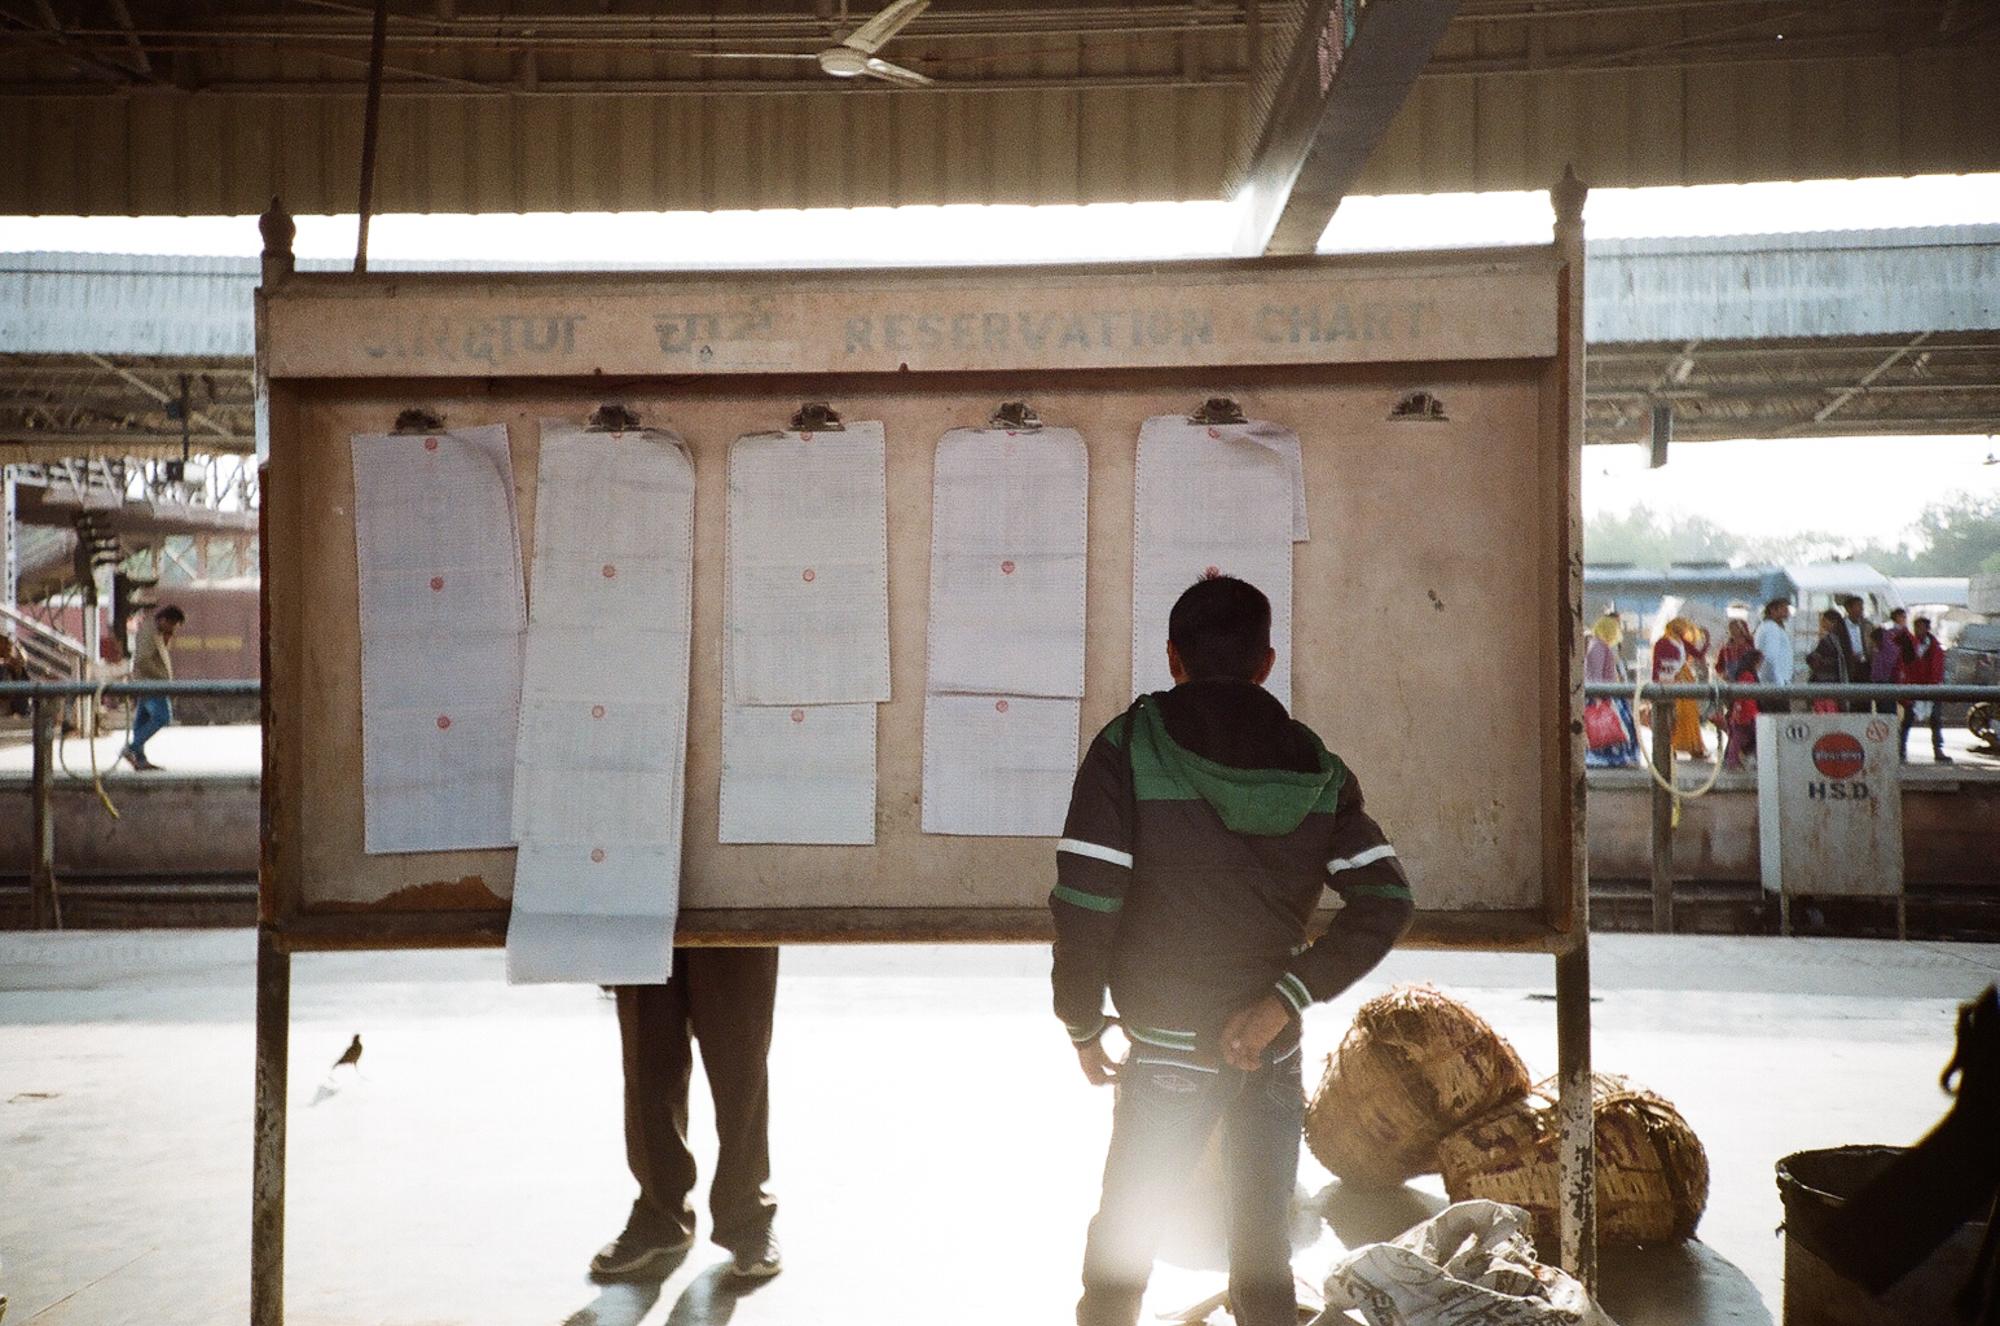 Die Reservierungslisten, in denen die aktuellen Sitzplätze verzeichnet sind. Bahnhof Jaipur. Foto: Lothar Ruttner